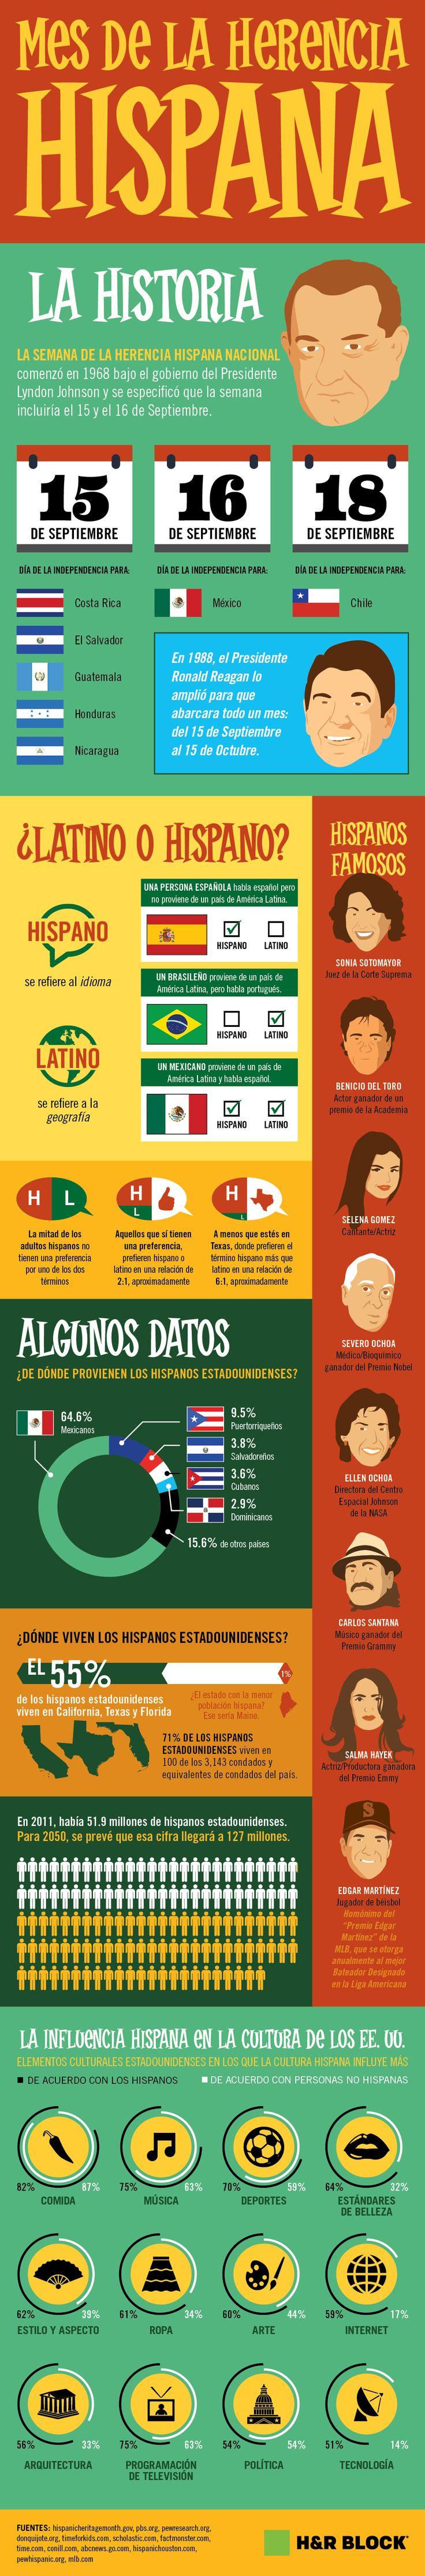 Celebremos El Mes de la Herencia Hispana y la contribución de diferentes…